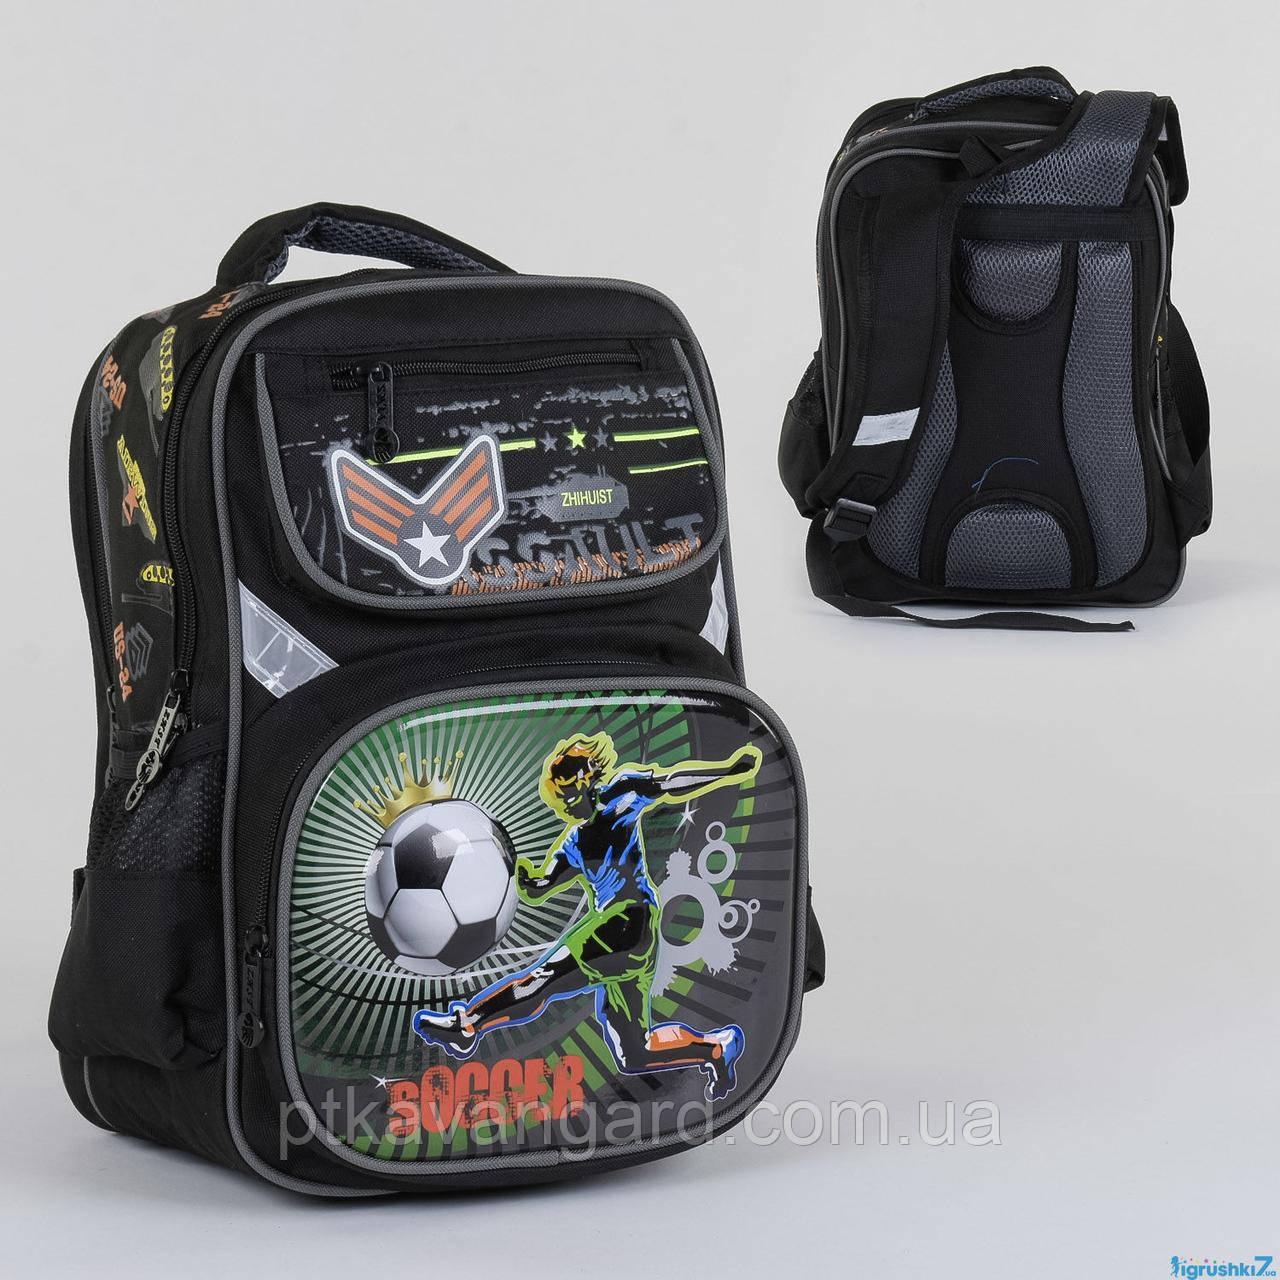 Рюкзак школьный 2 отделения, 4 кармана, ортопедическая спинка, 3D принт С 36269